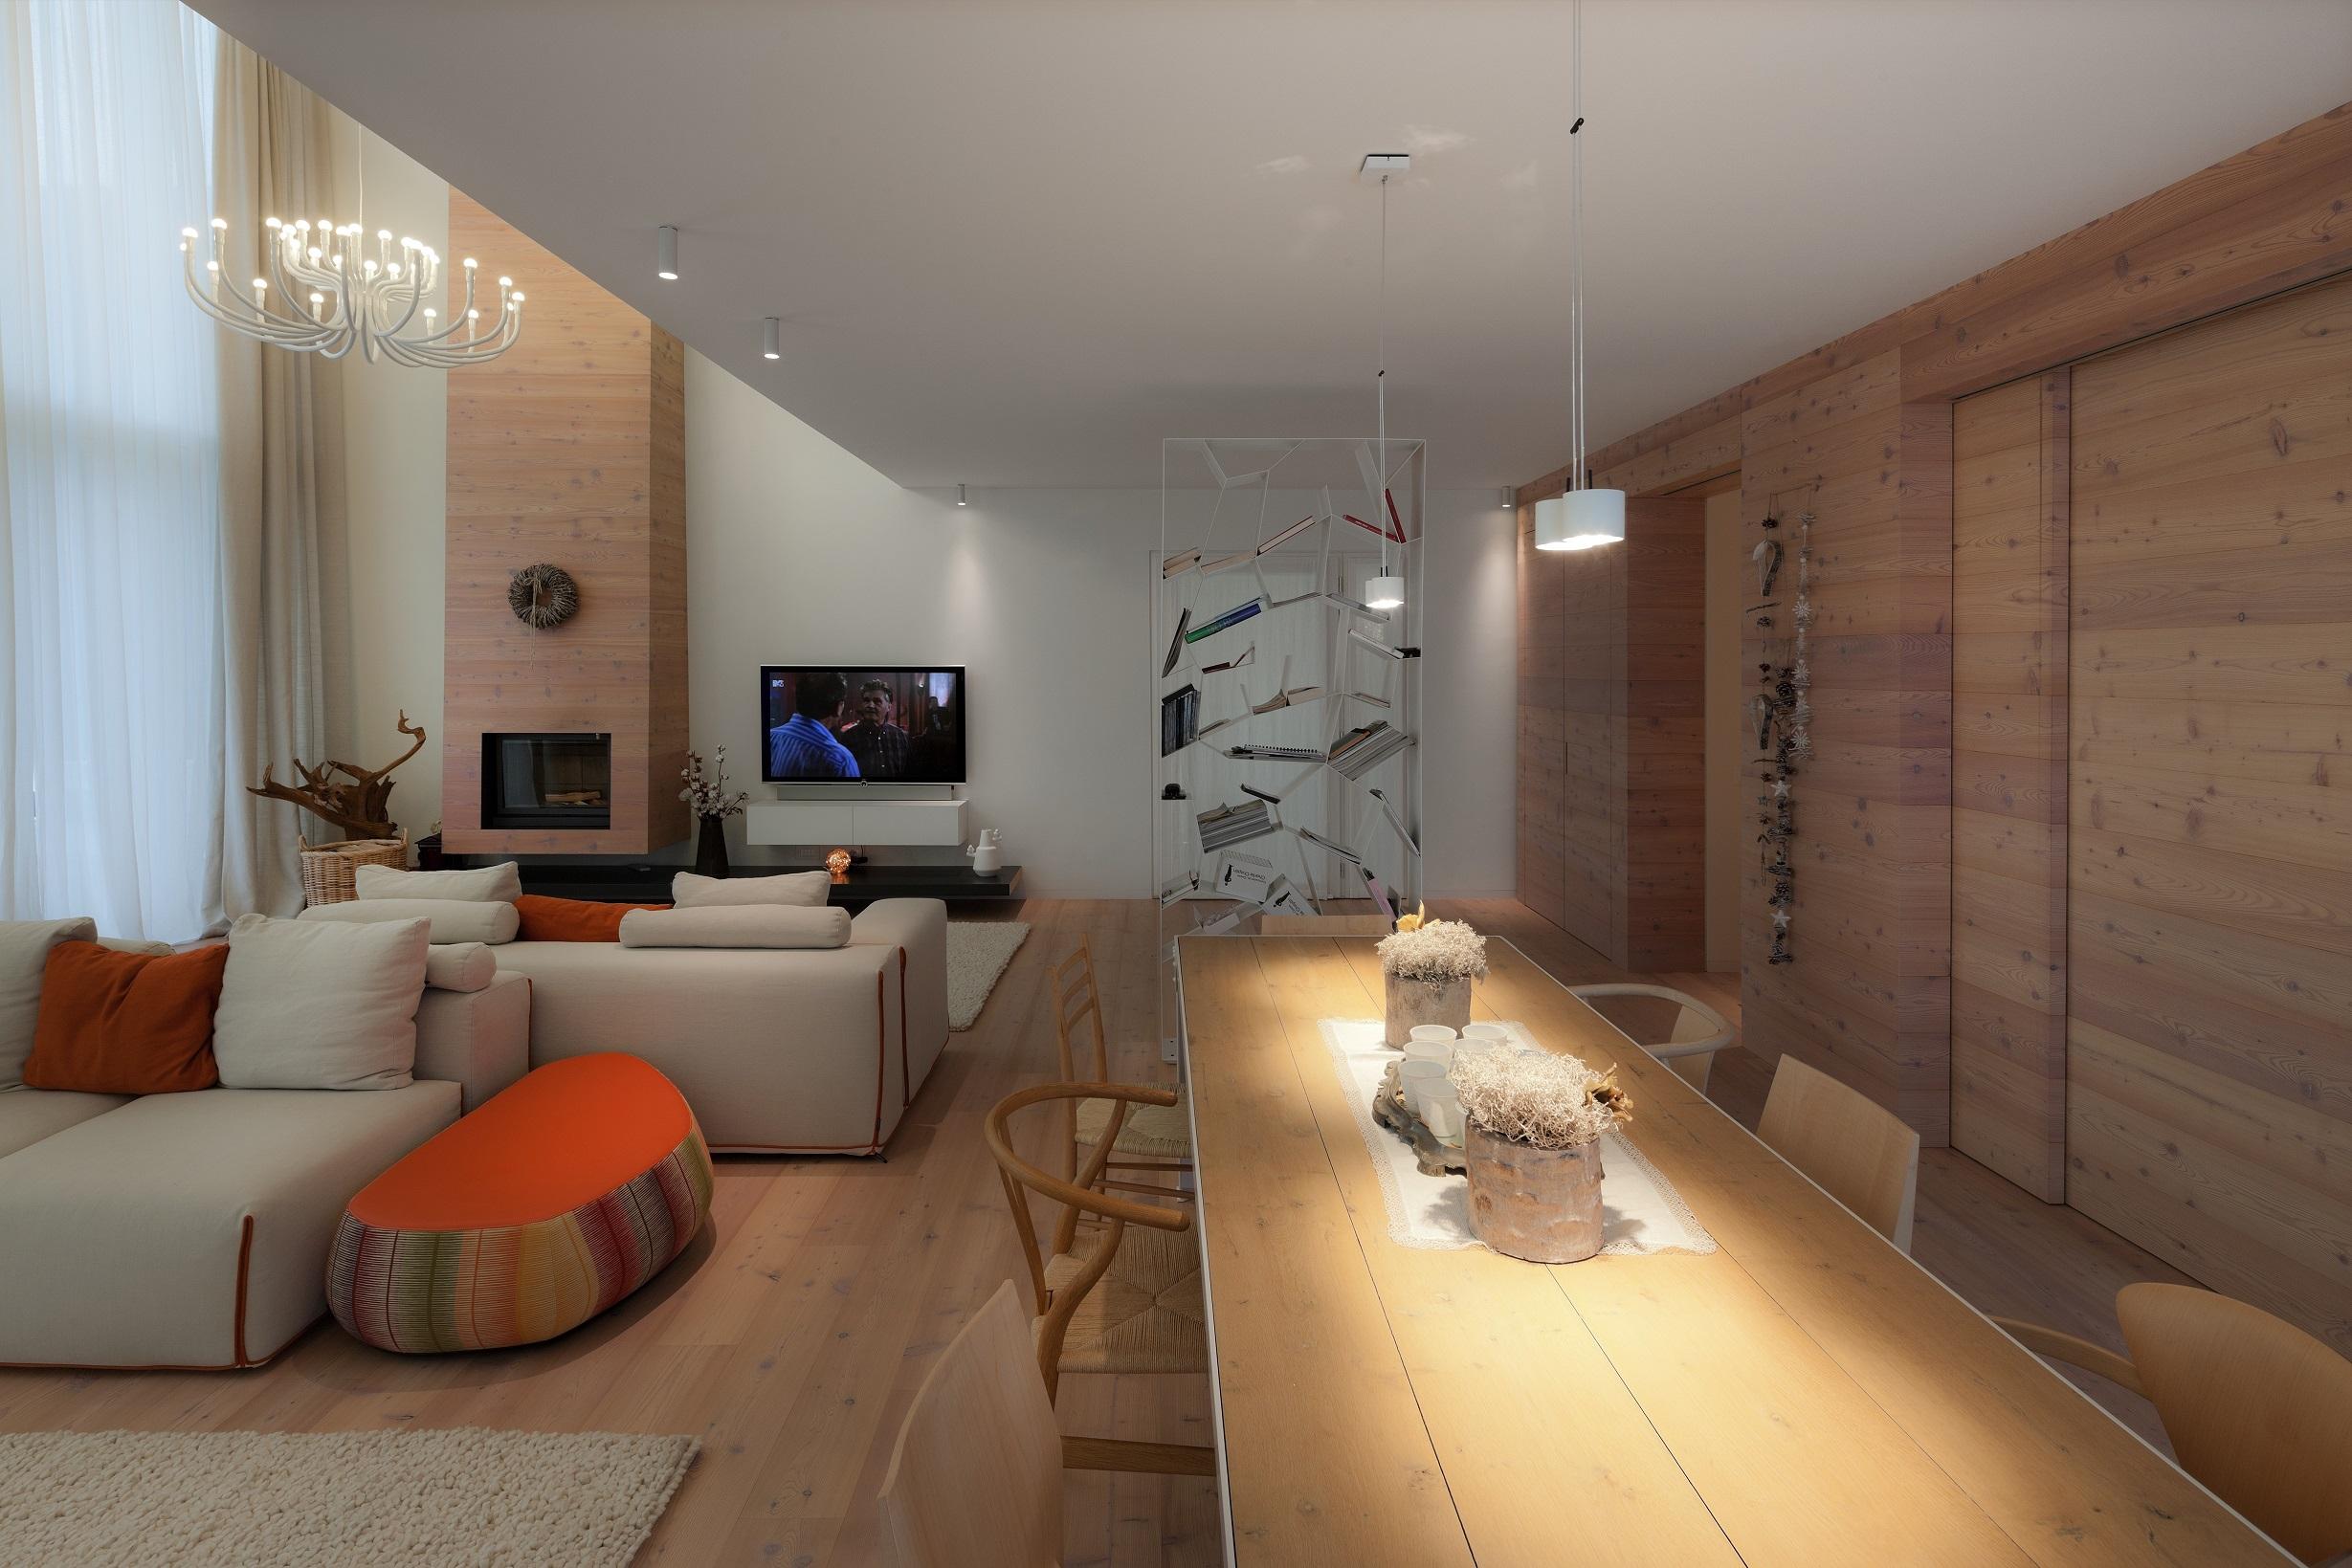 Dalla climatizzazione al recupero acqua piovana impianti for Interni case eleganti